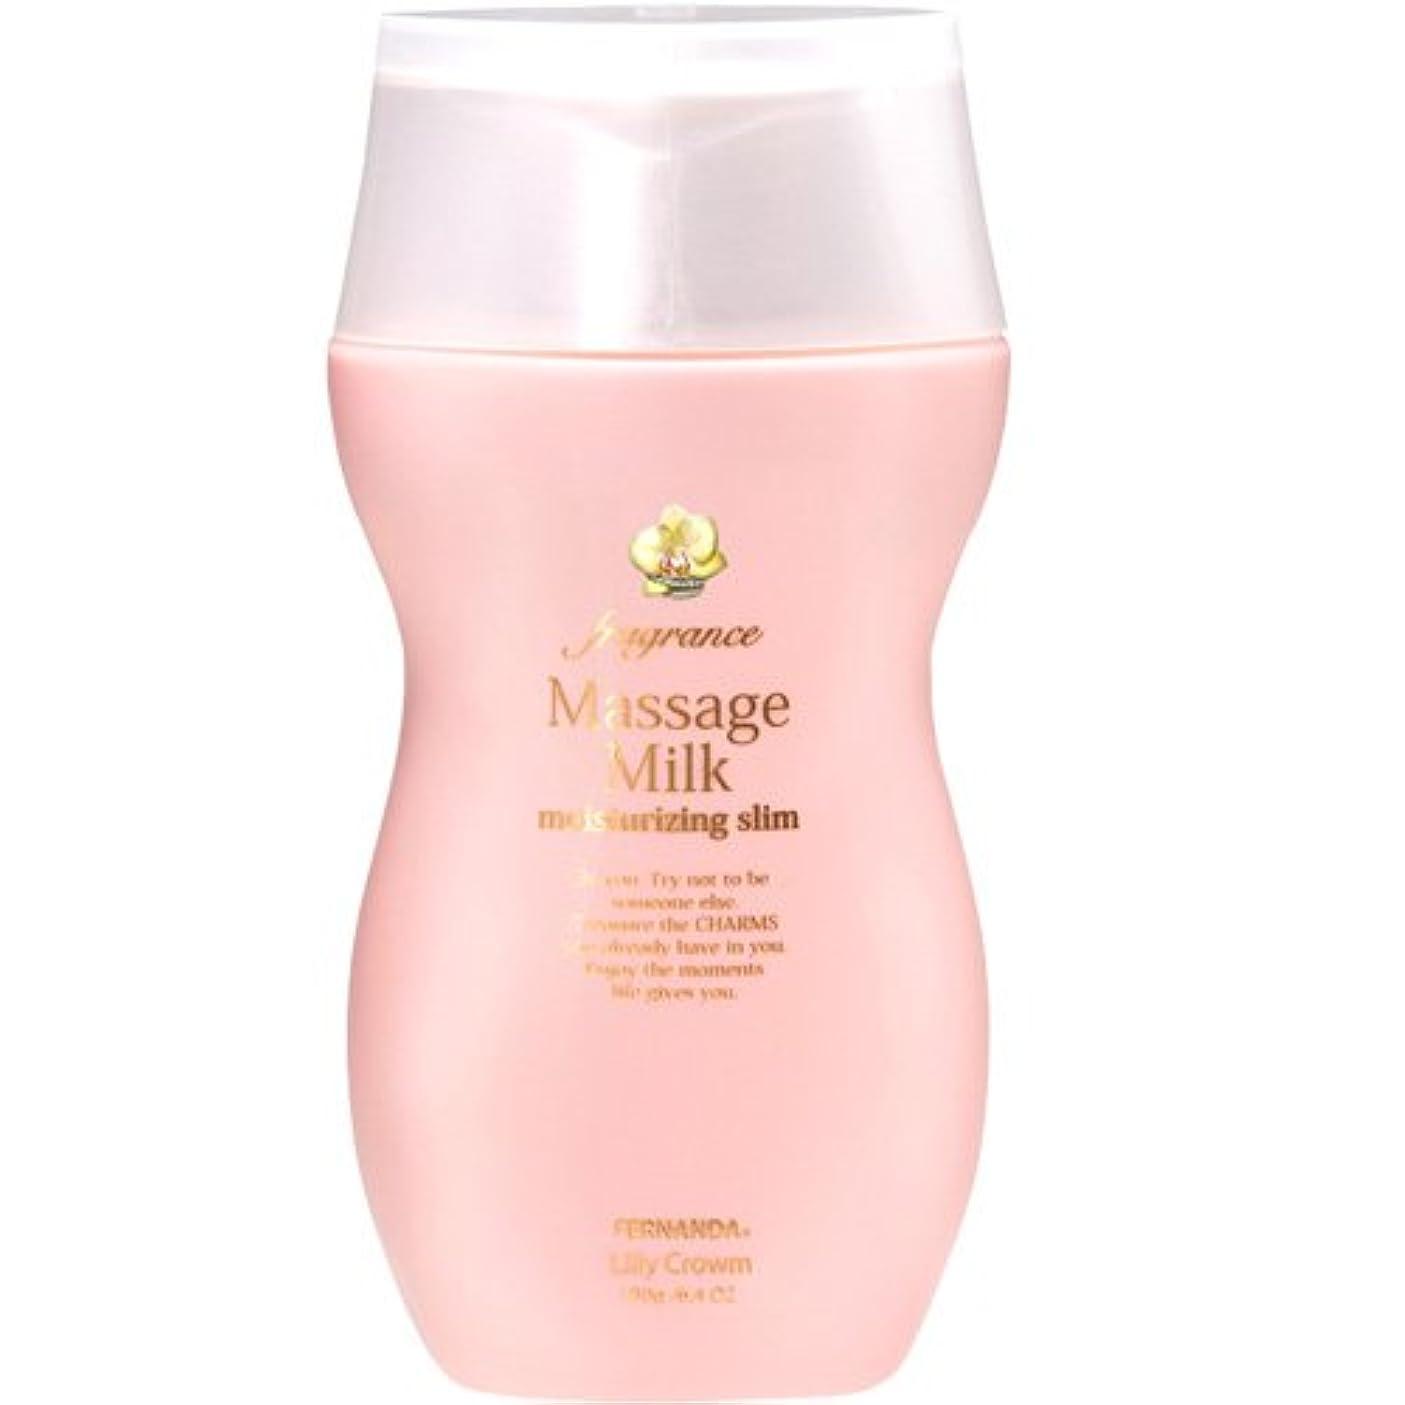 目立つ偽ハードリングFERNANDA(フェルナンダ) Massage Milk Lilly Crown (マッサージミルク リリークラウン)